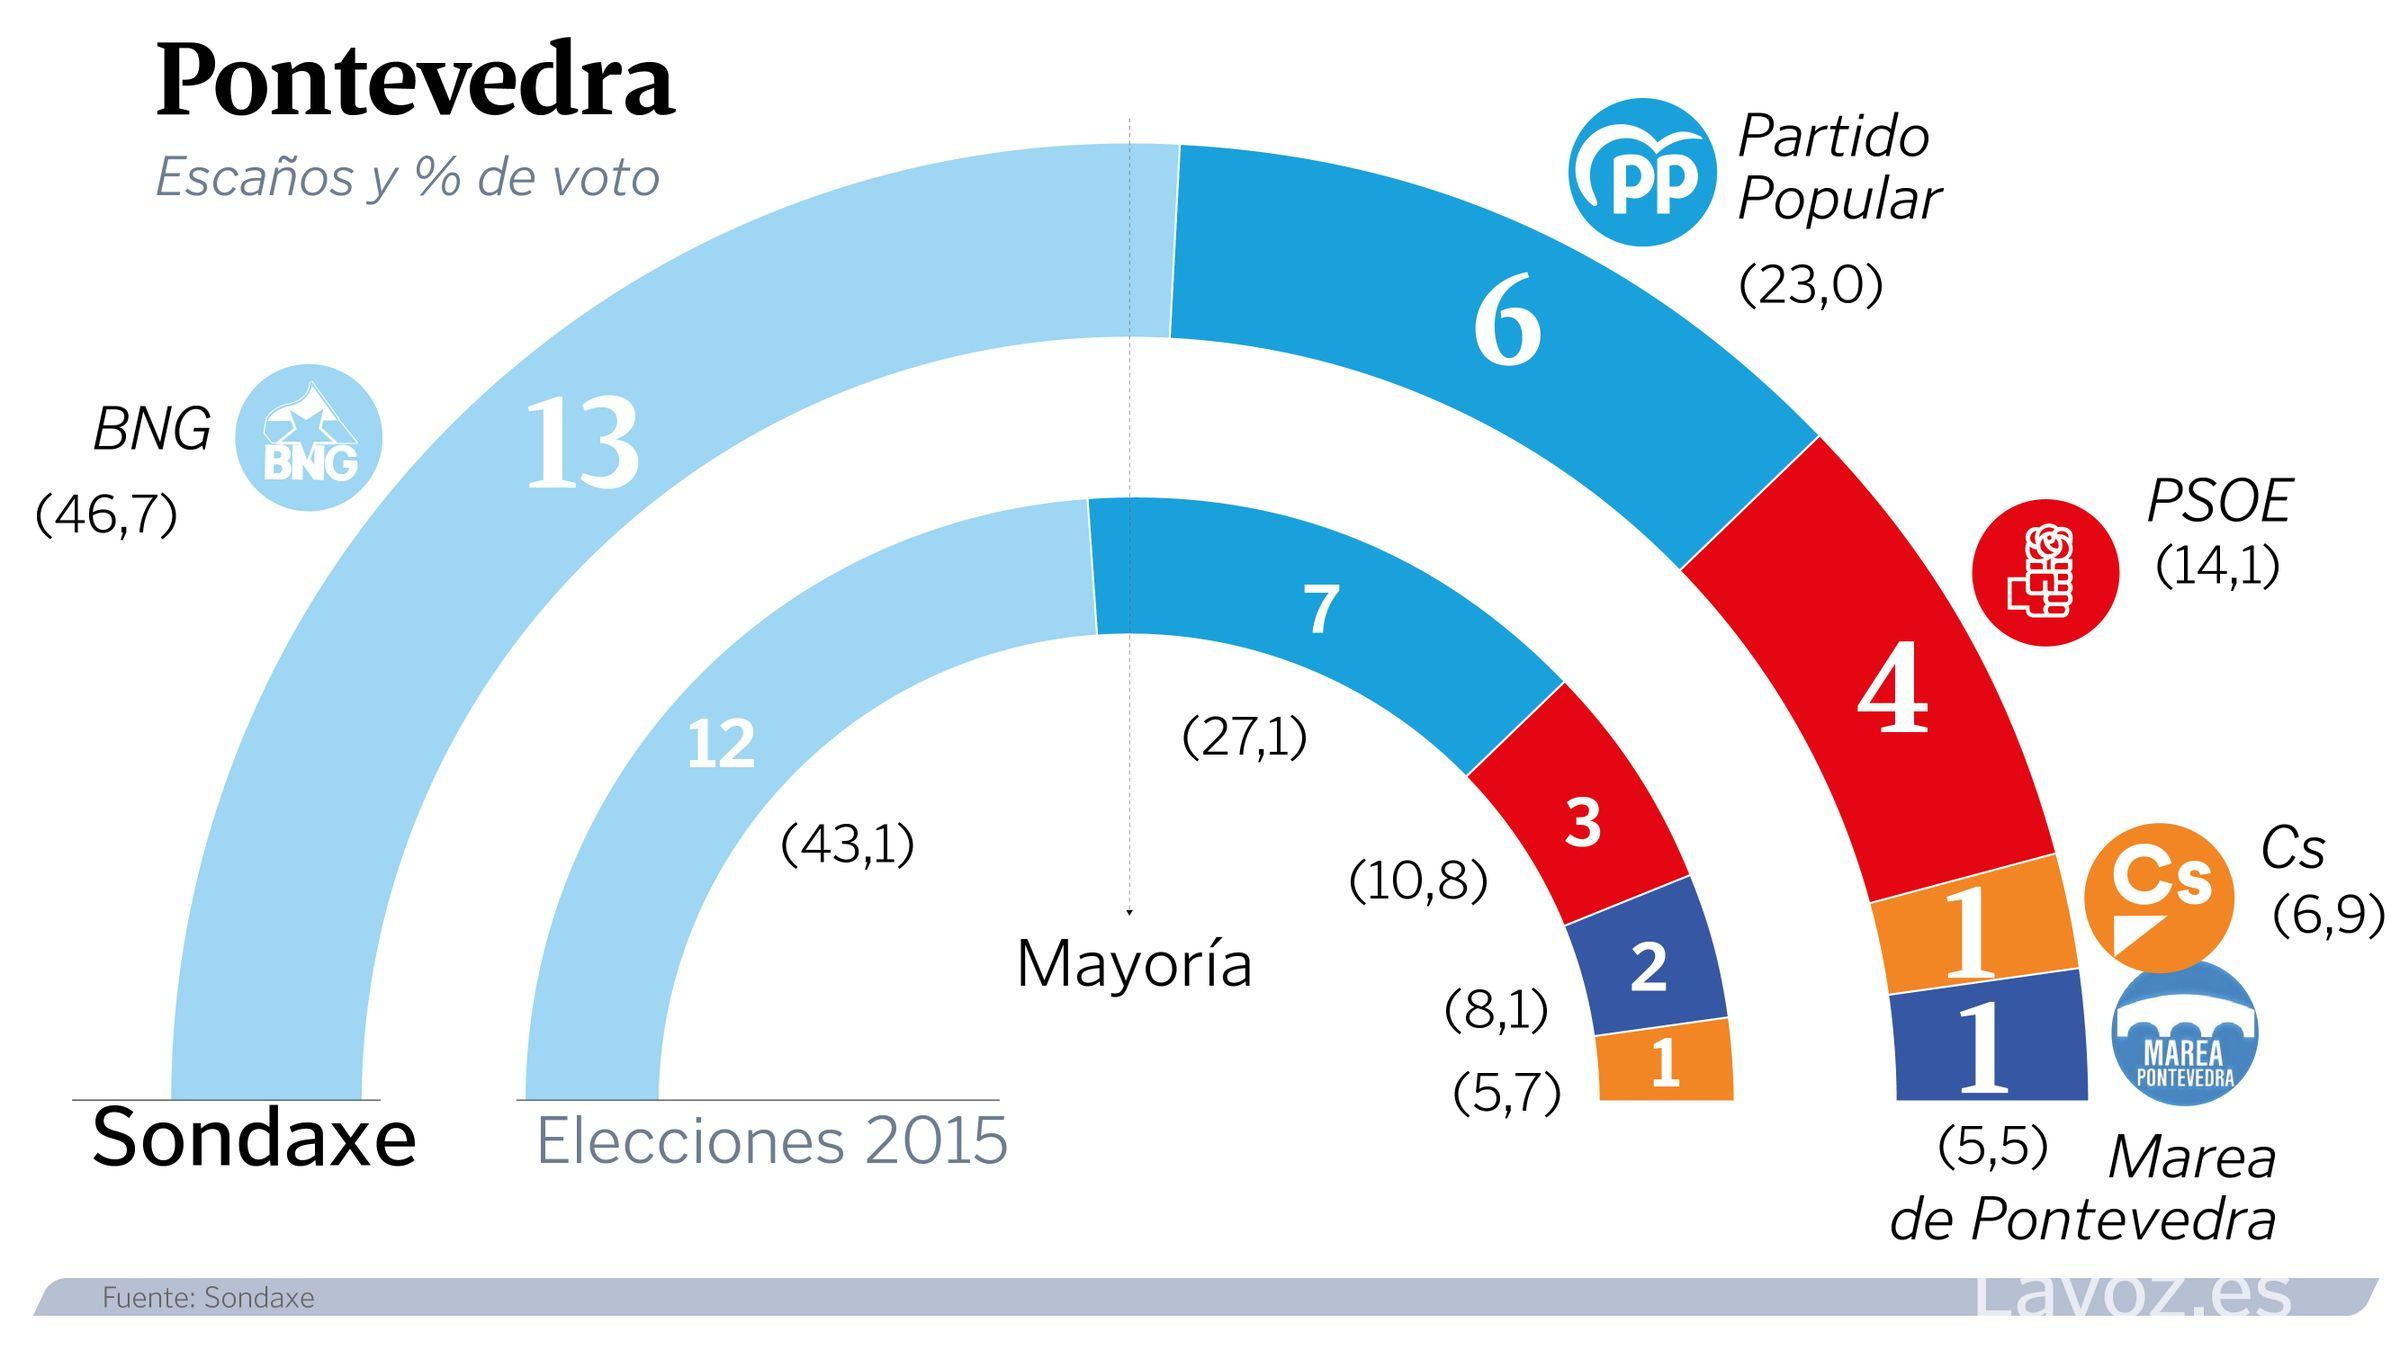 Estimación de voto en Pontevedra